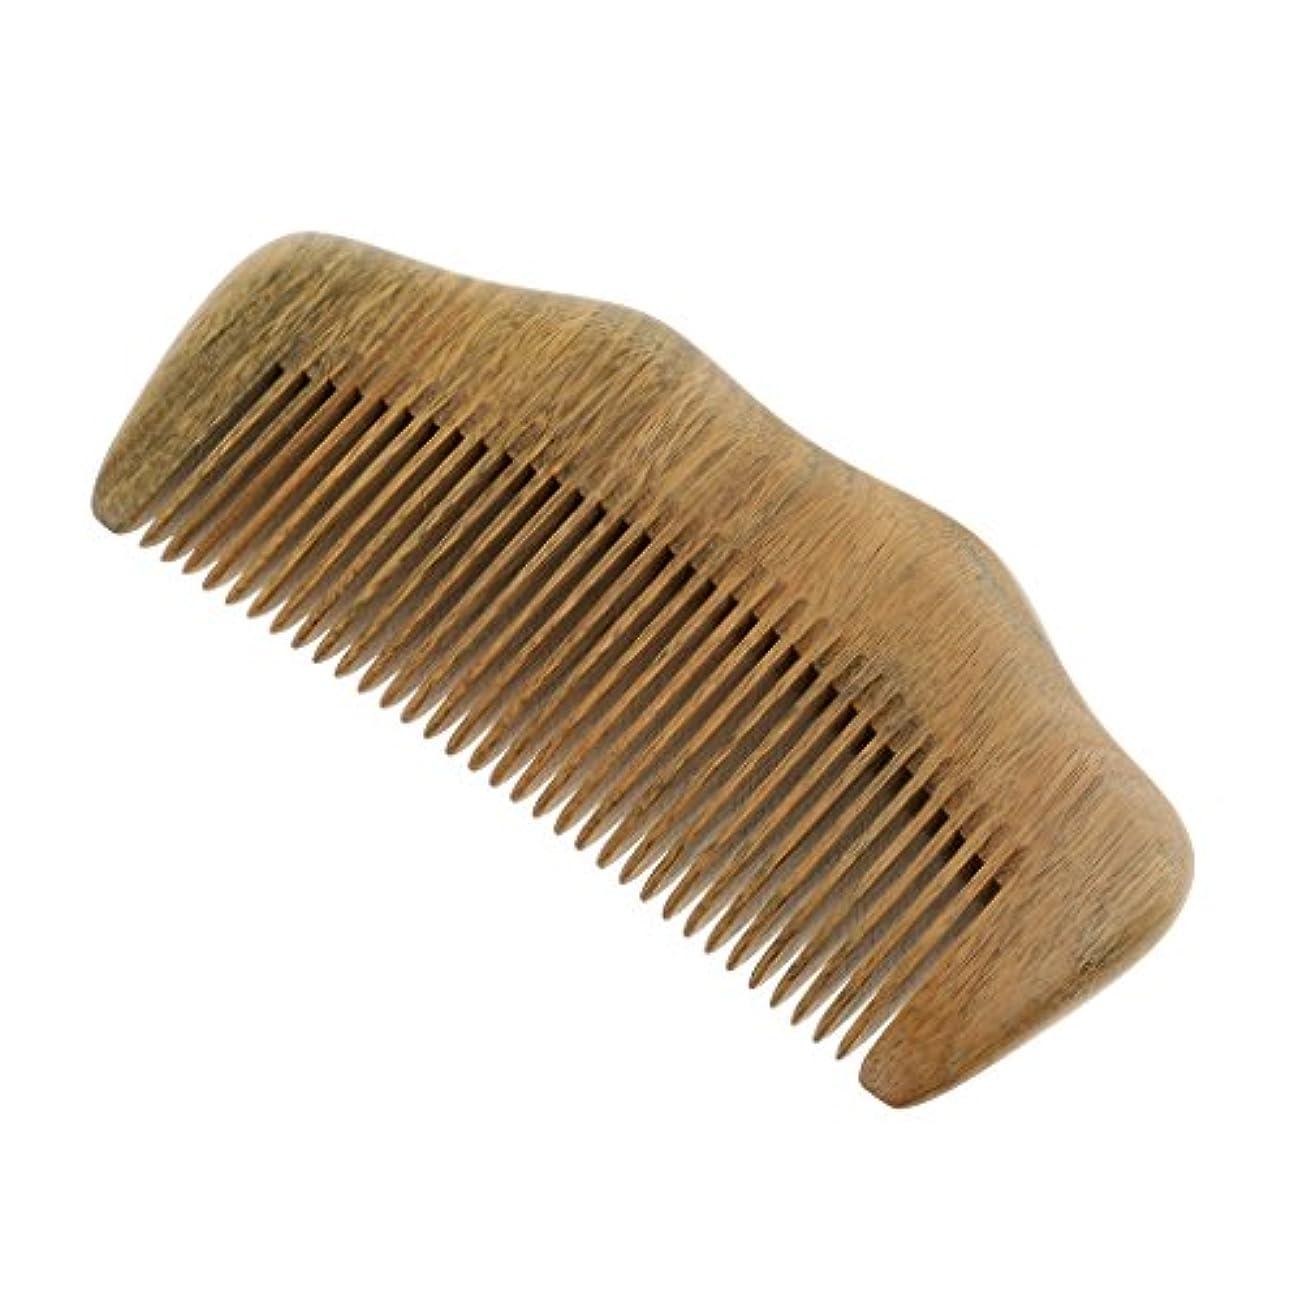 愚かな戦い趣味T TOOYFUL ウッドヘアコーム 自然な木 櫛 ヘアケア マッサージ 細かい歯 静電気防止 滑らか